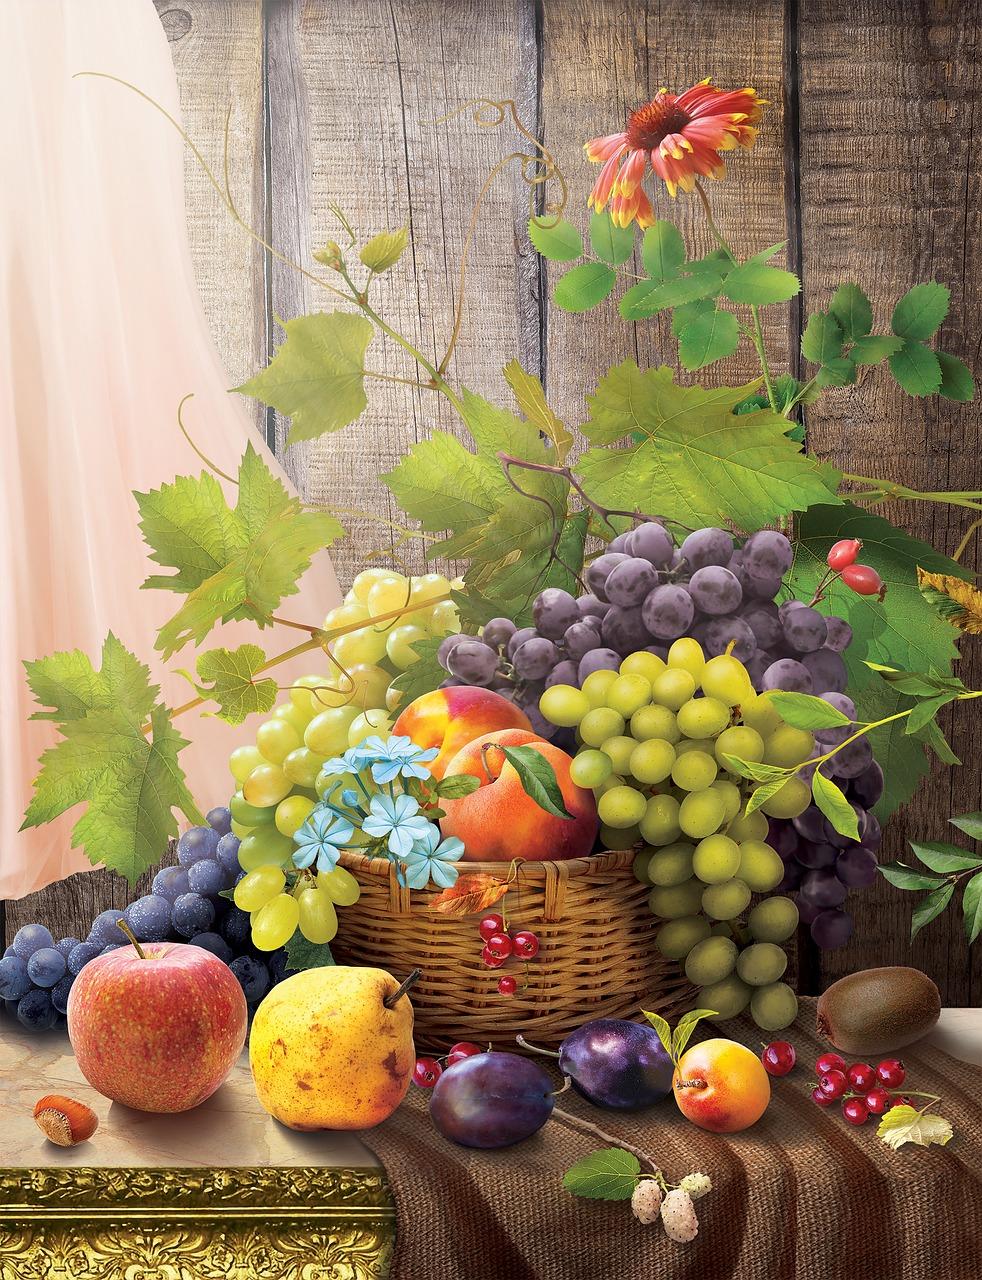 פירות בסוגים שונים